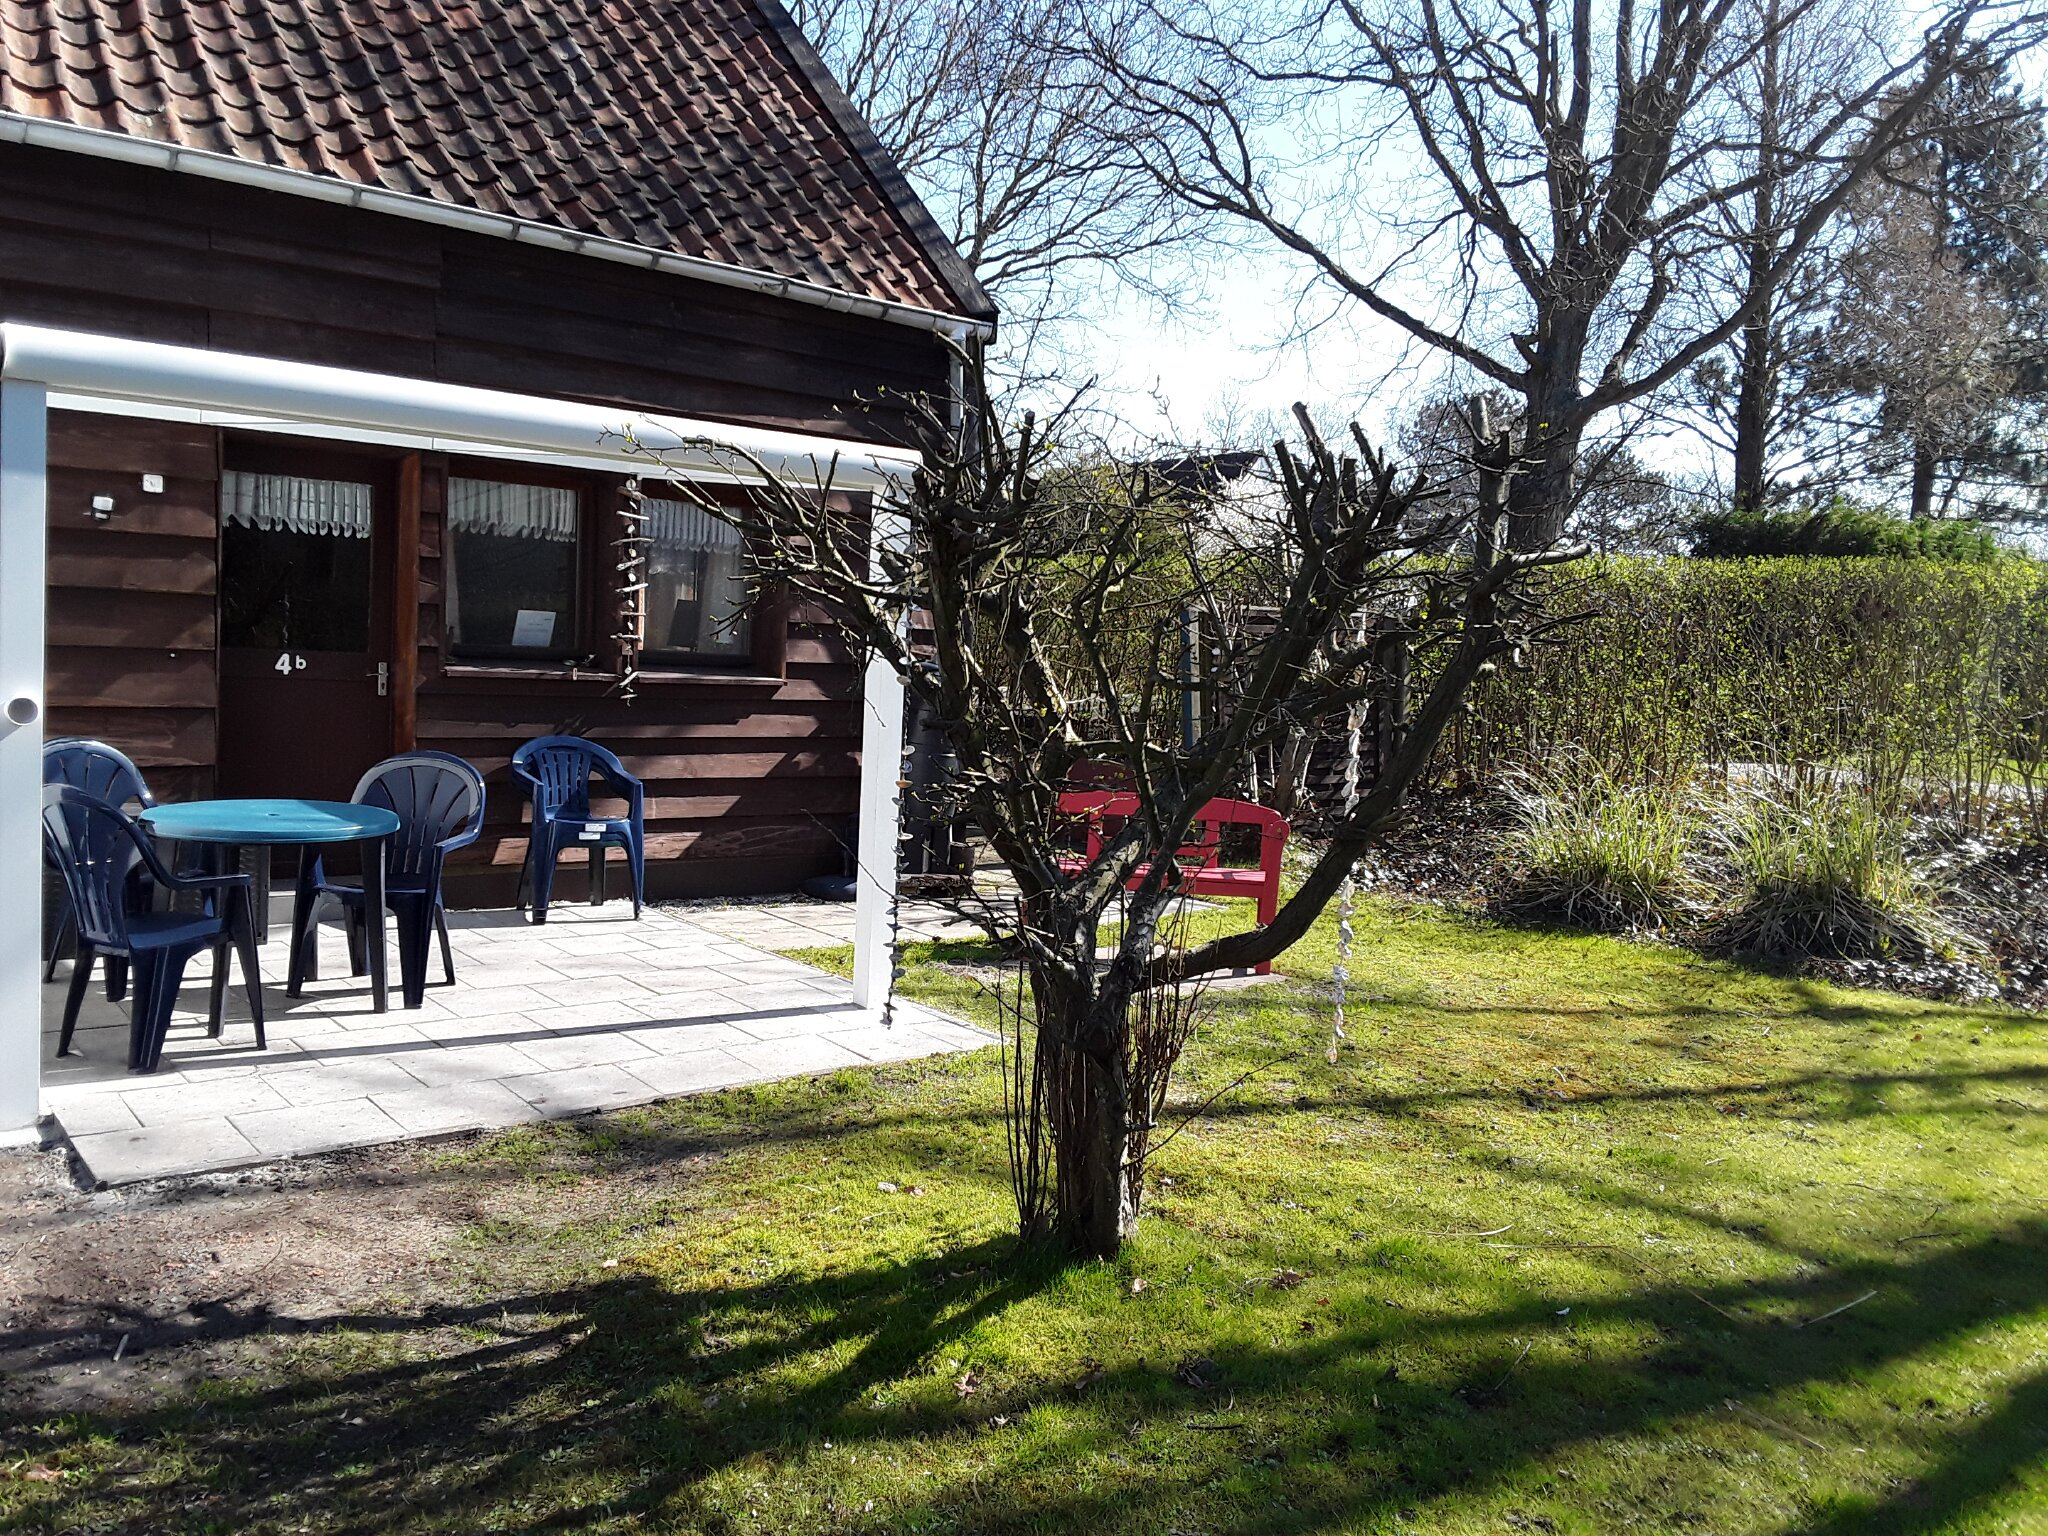 Detailbild von Ferienhaus Peter's Ranch 4b